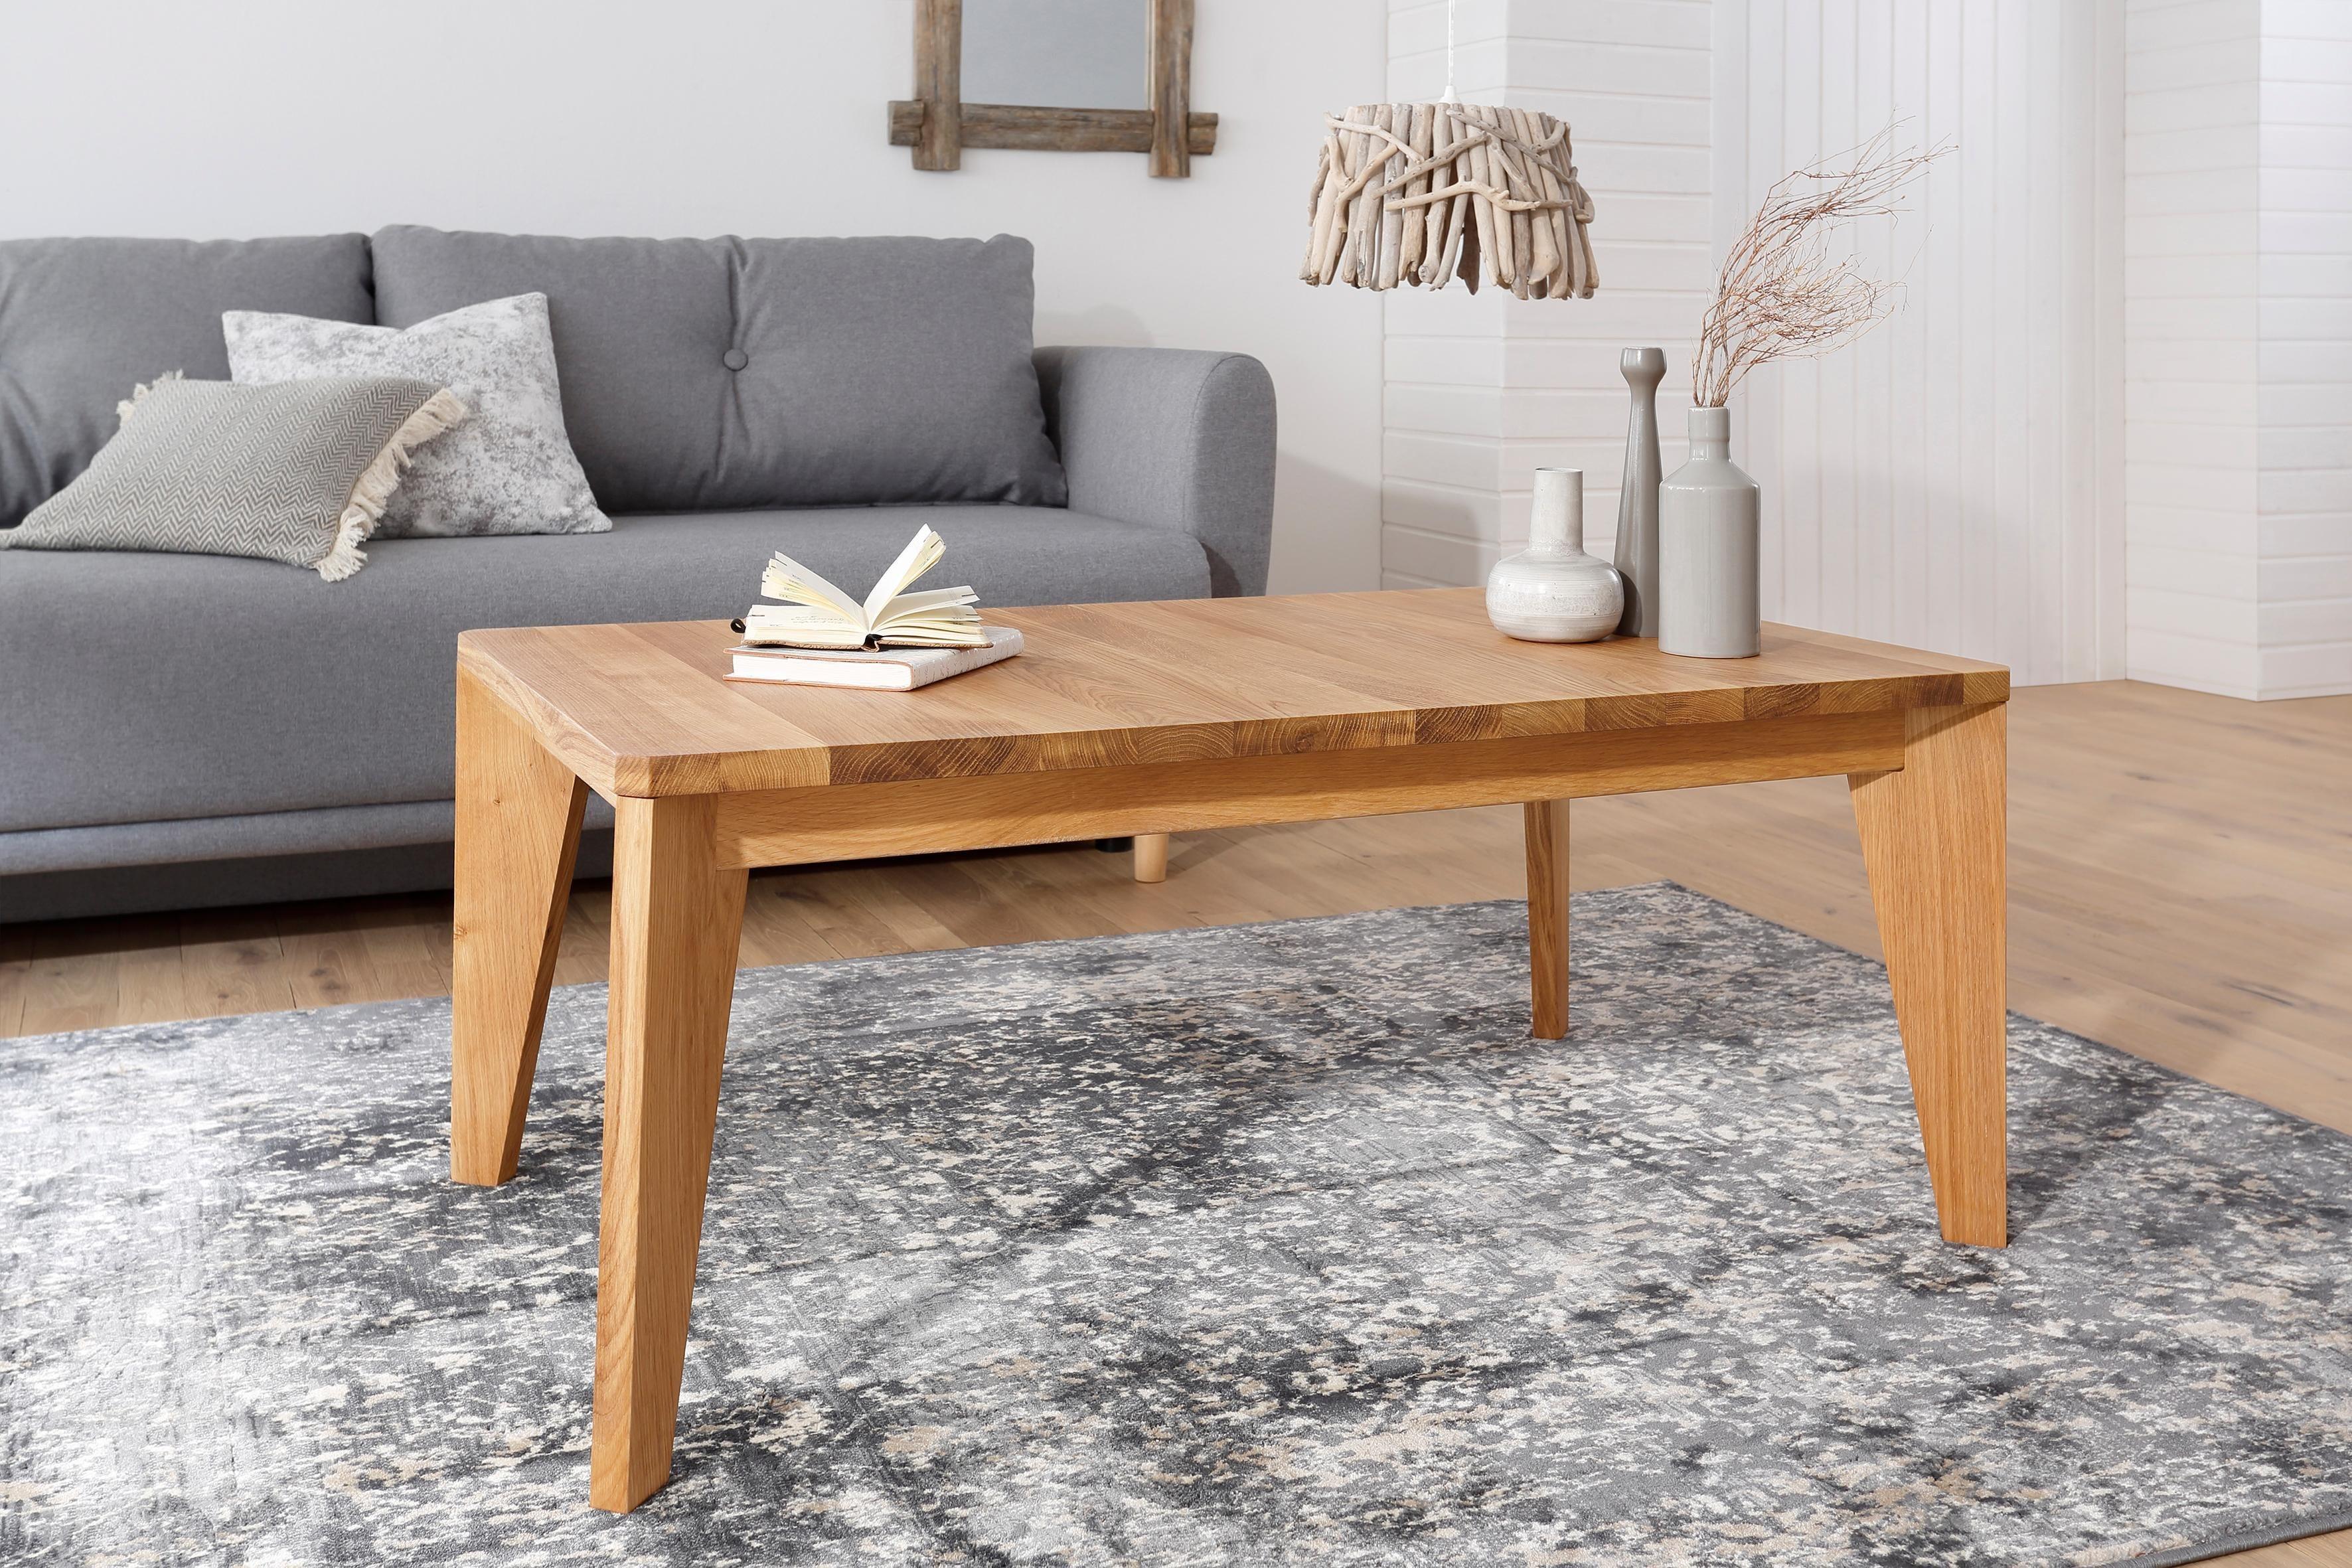 couchtisch schwarz otto couchtisch billig vejmon klapp delhi otto versand m bel couchtische. Black Bedroom Furniture Sets. Home Design Ideas